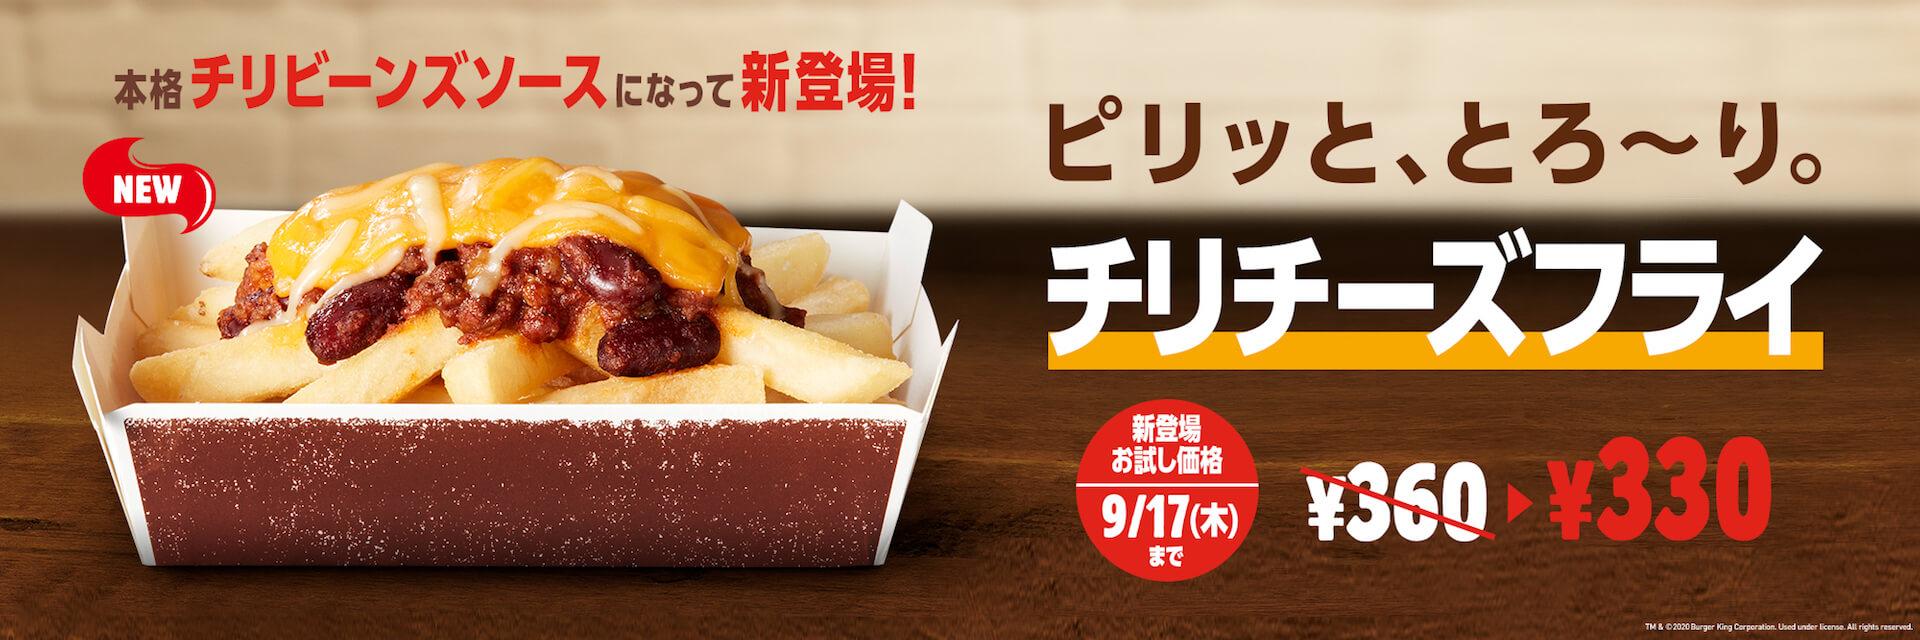 バーガーキングにチリビーンズソースとチーズのハーモニー抜群な『チリ・キングドッグ』が新登場!人気デザート『サンデー』が期間限定で120円に gourmet200904_burgerking_2